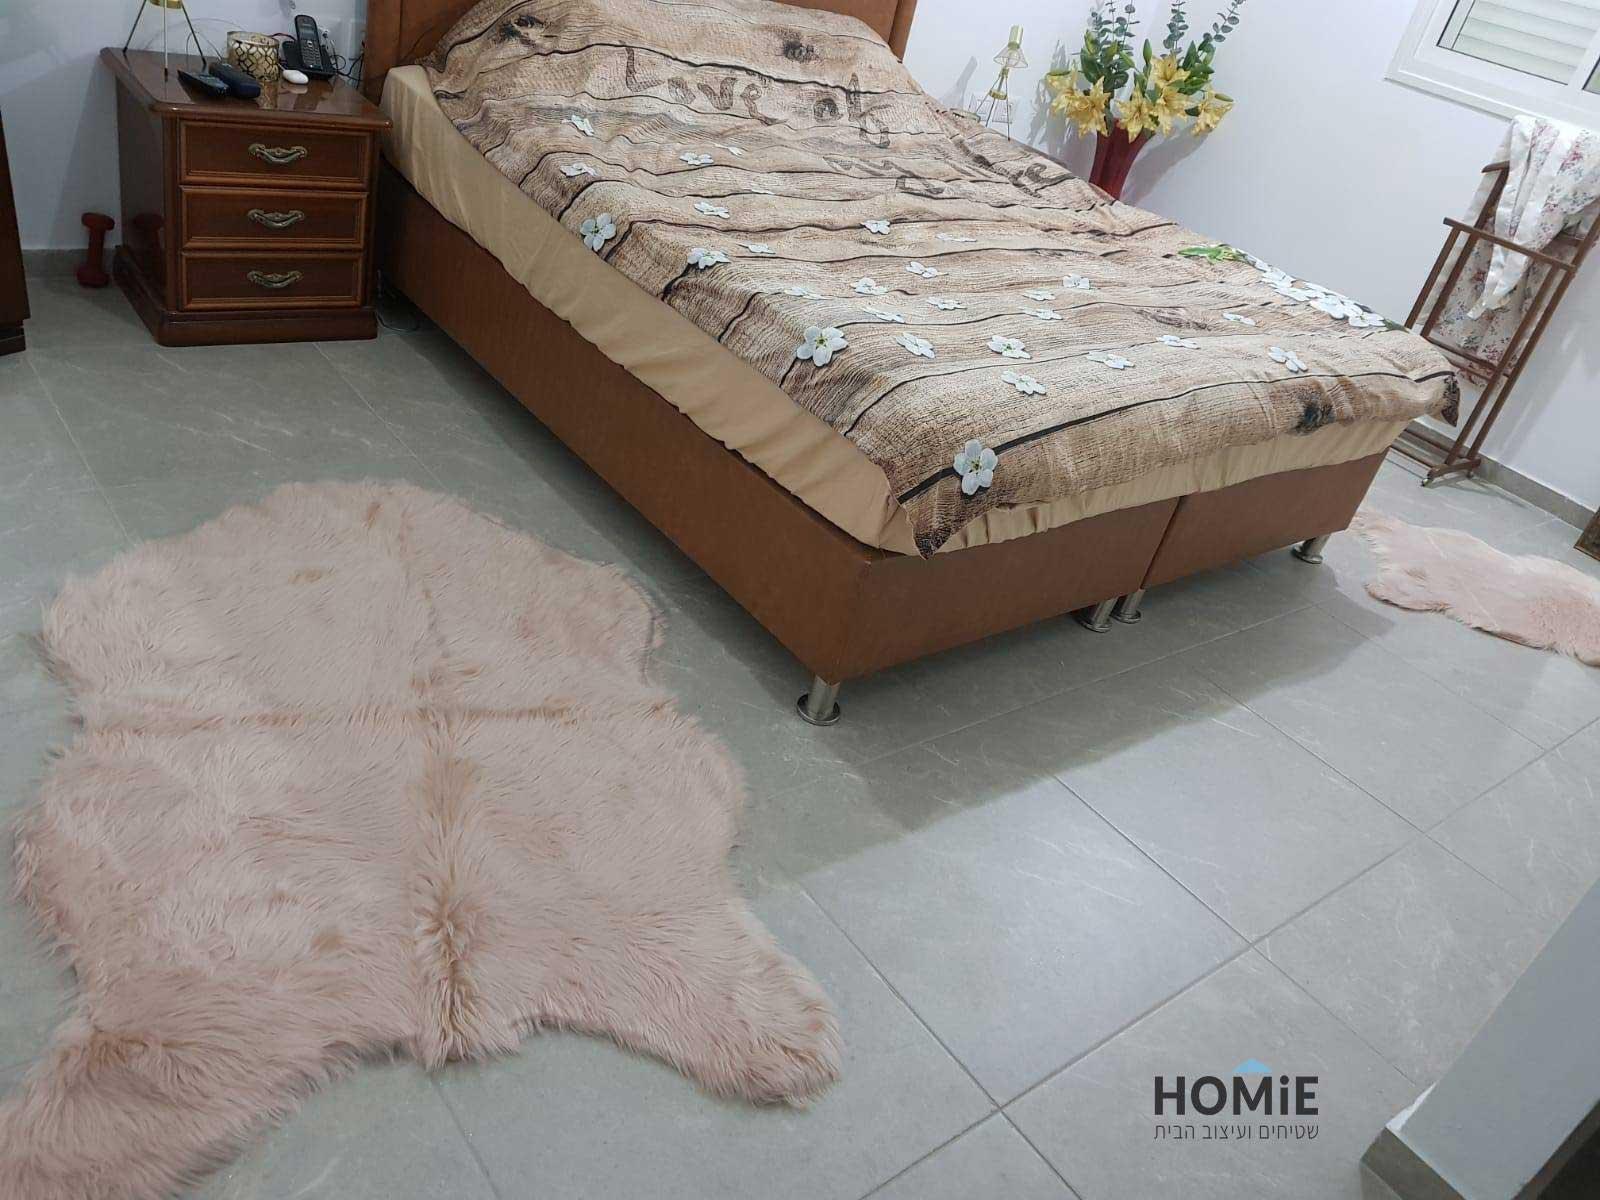 שטיחי פרווה בצבע ורוד מעושן בחדר השינה